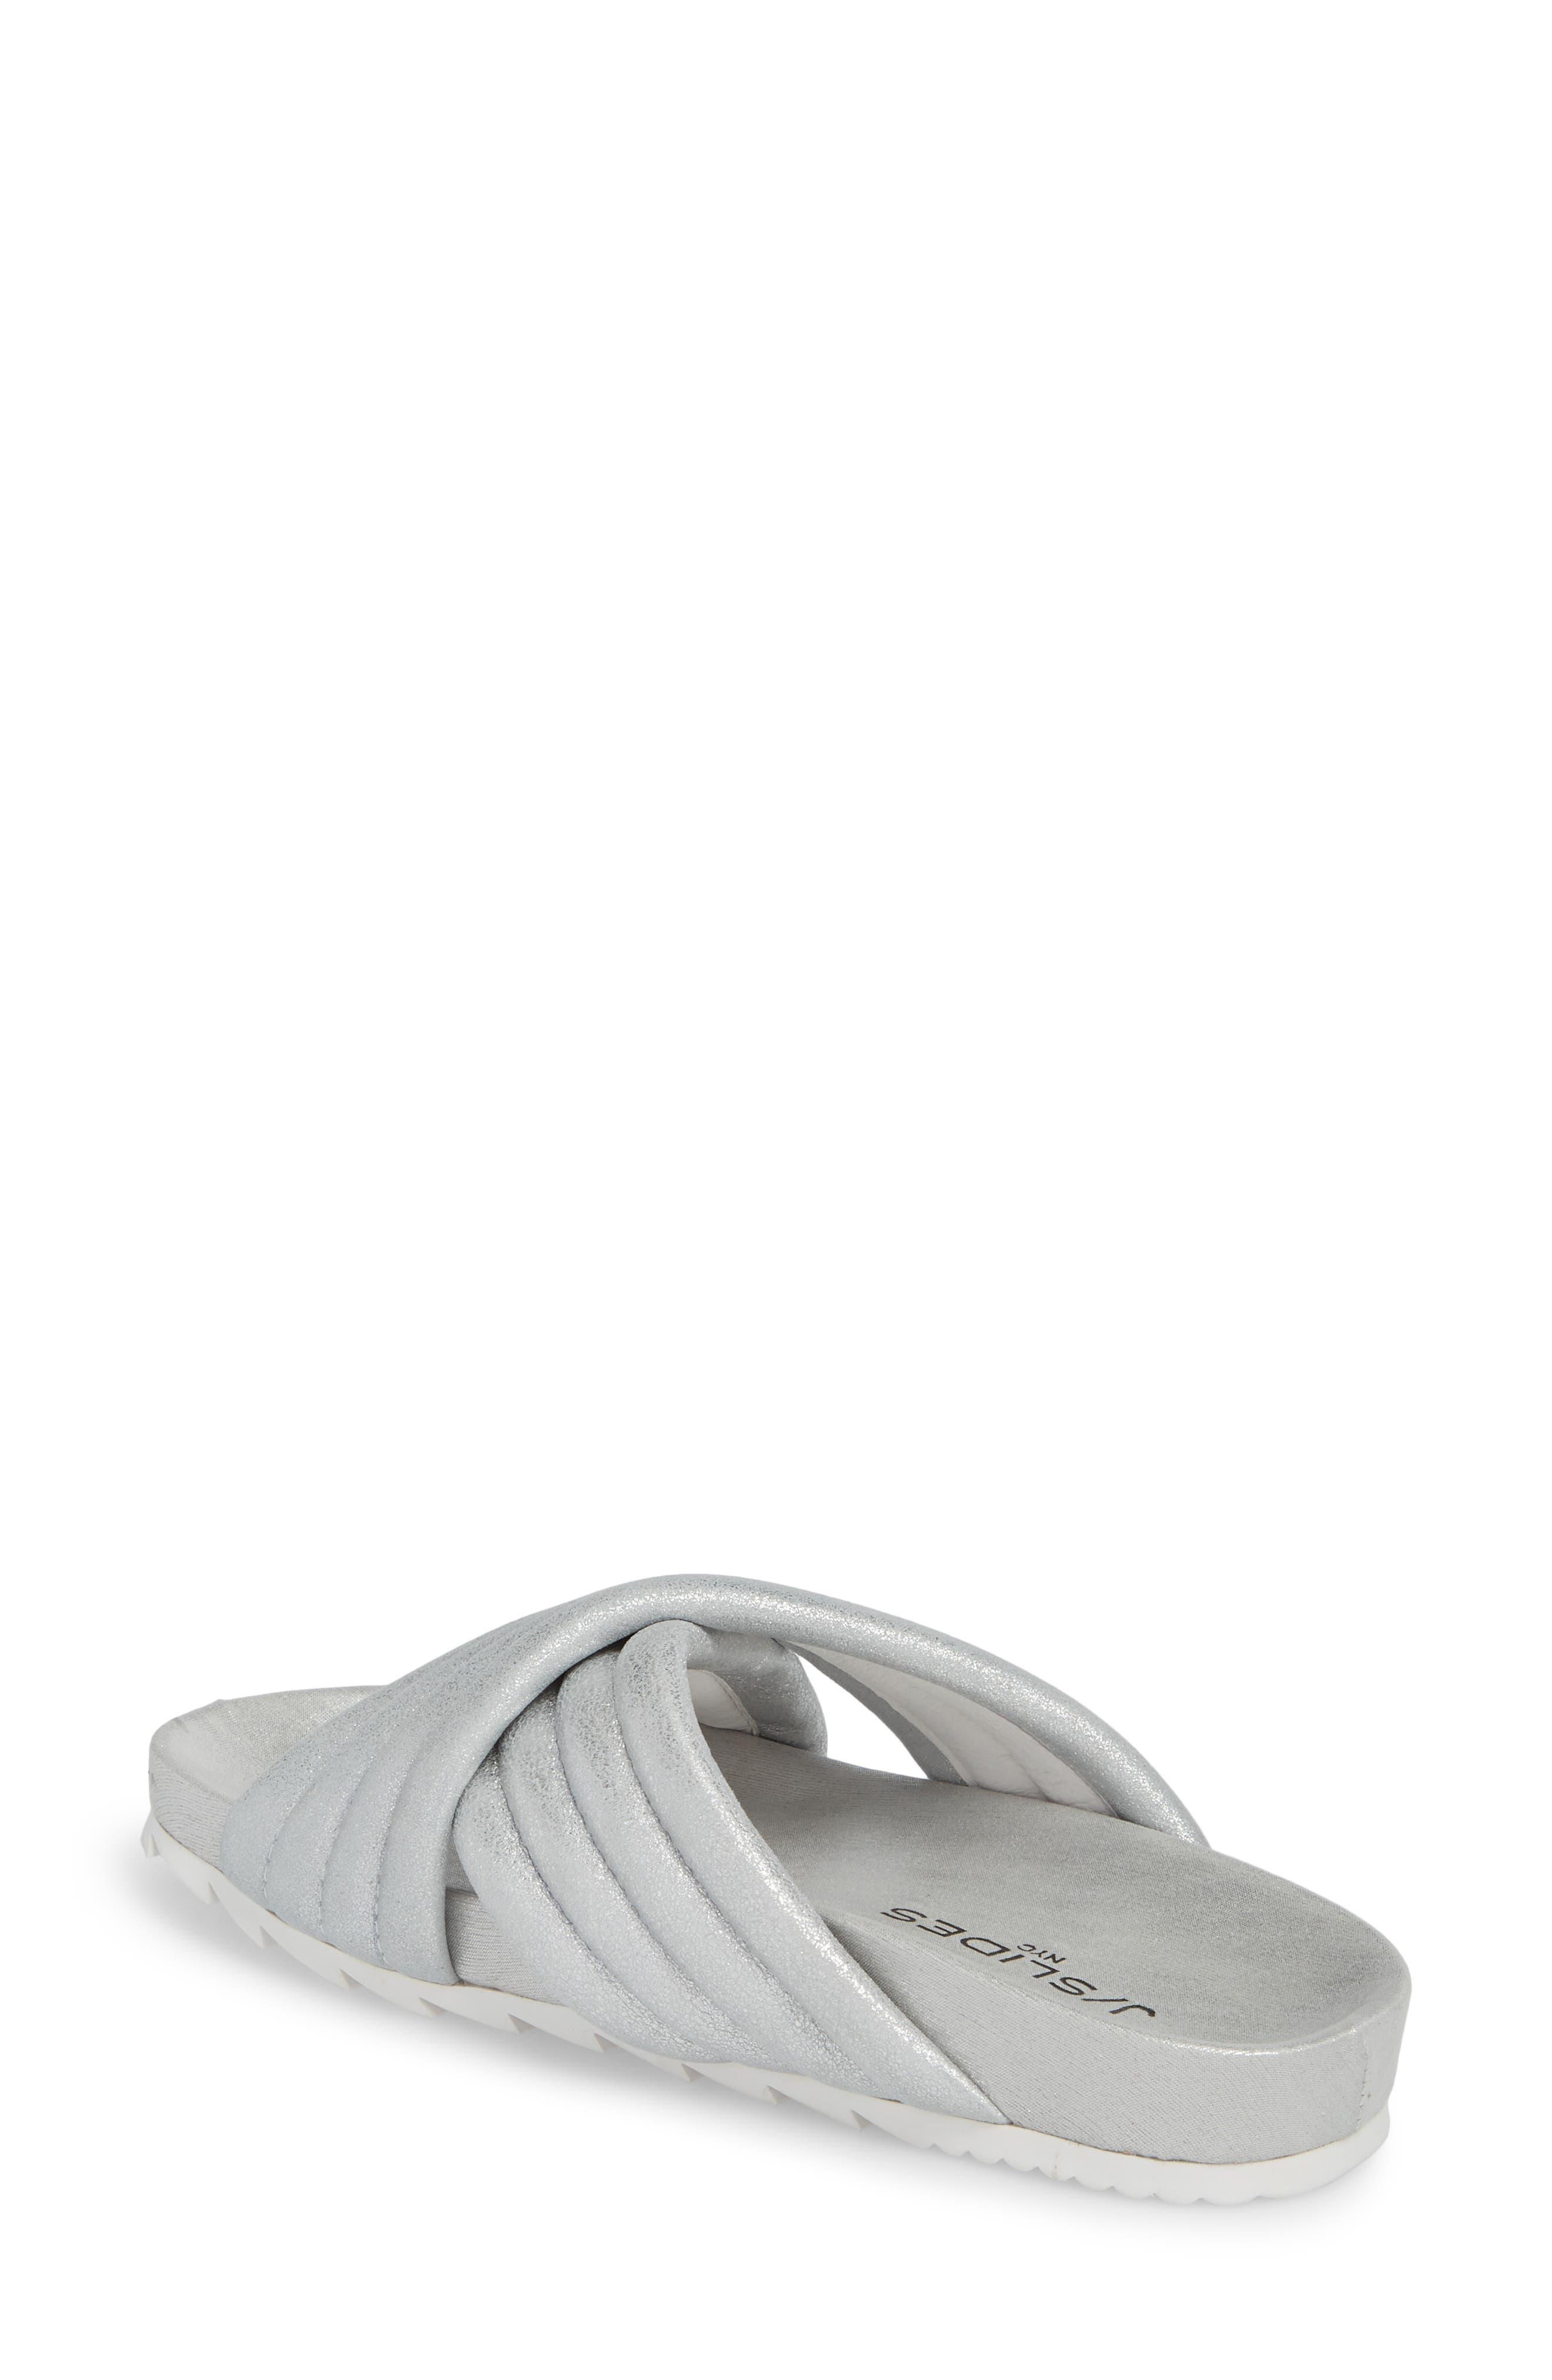 Crisscross Slide Sandal,                             Alternate thumbnail 2, color,                             Silver Metallic Leather